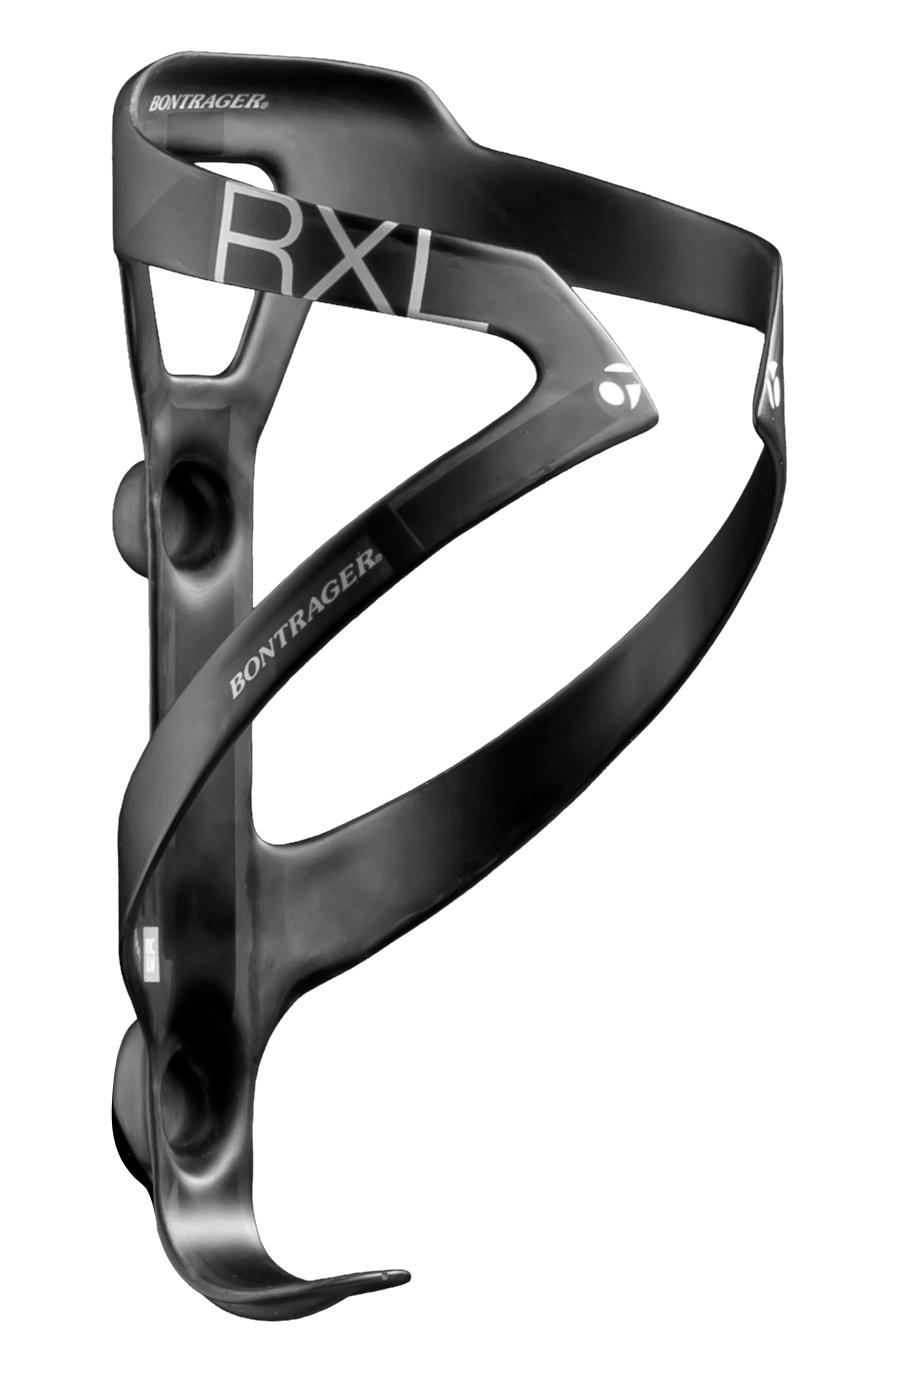 Bontrager Flaschenhalter RXL Carbon Matte Black - Bontrager Flaschenhalter RXL Carbon Matte Black